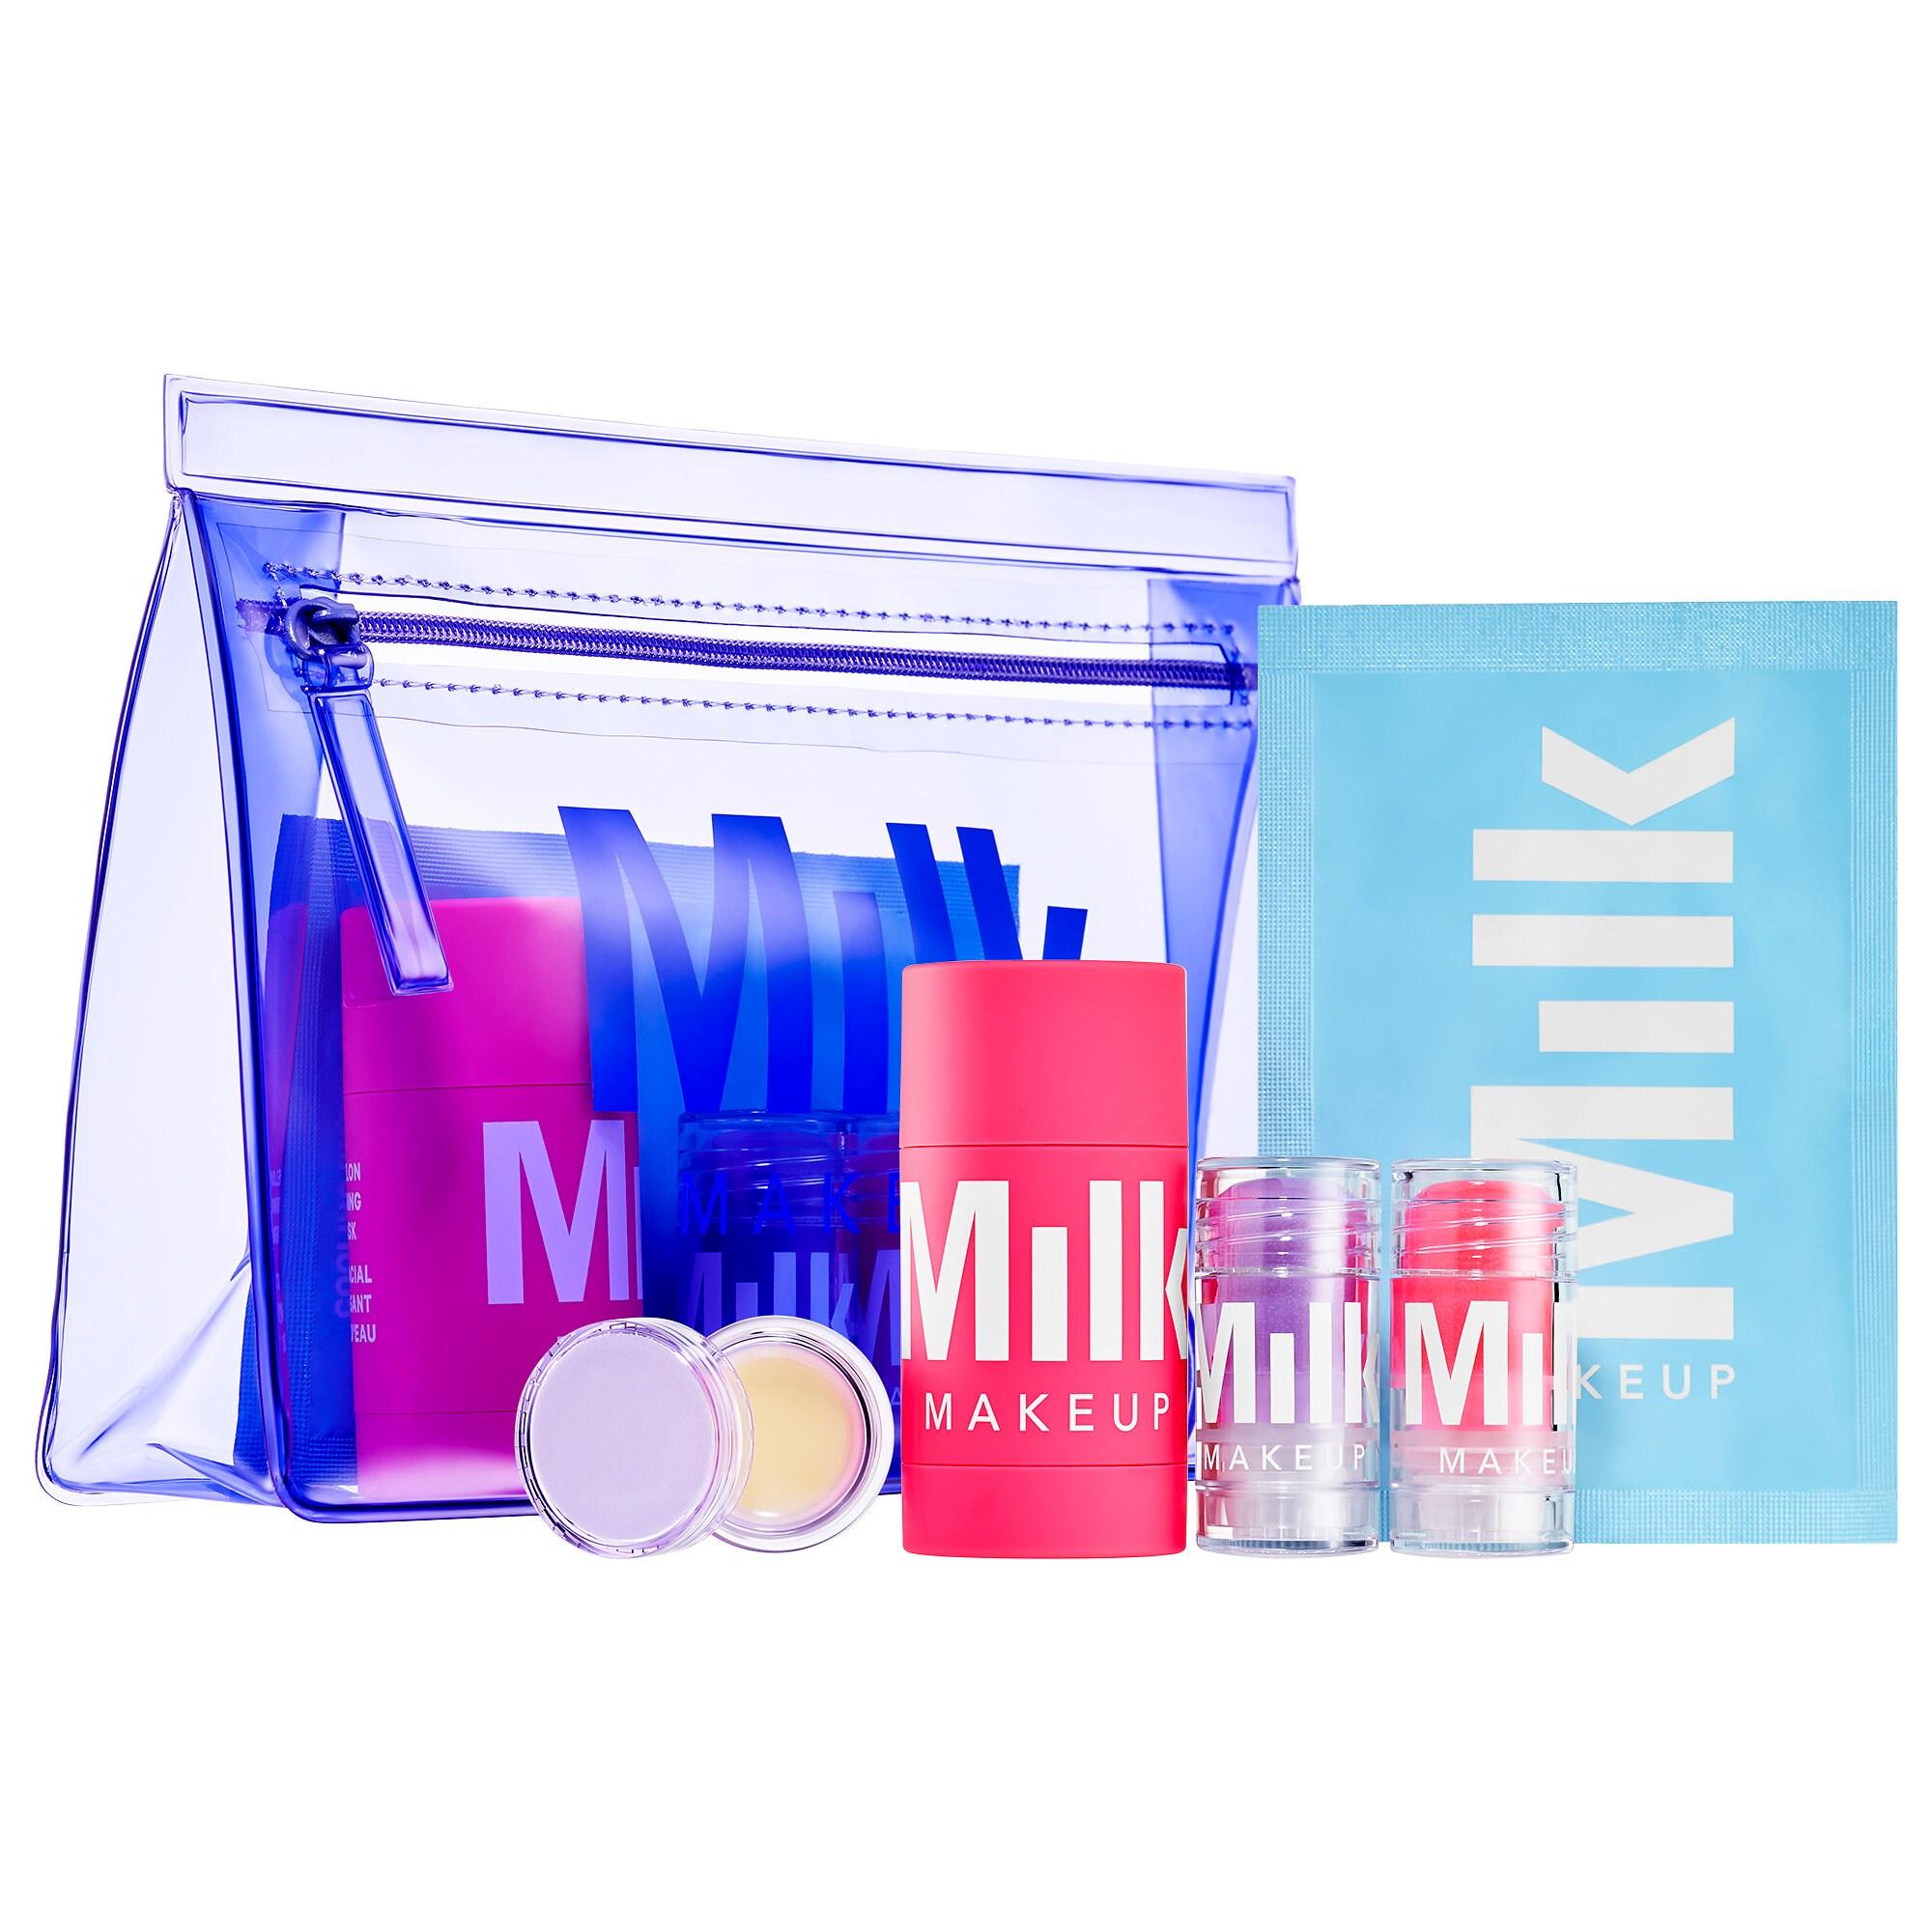 Milk Makeup - Day + Night Serum and Mask Face Set